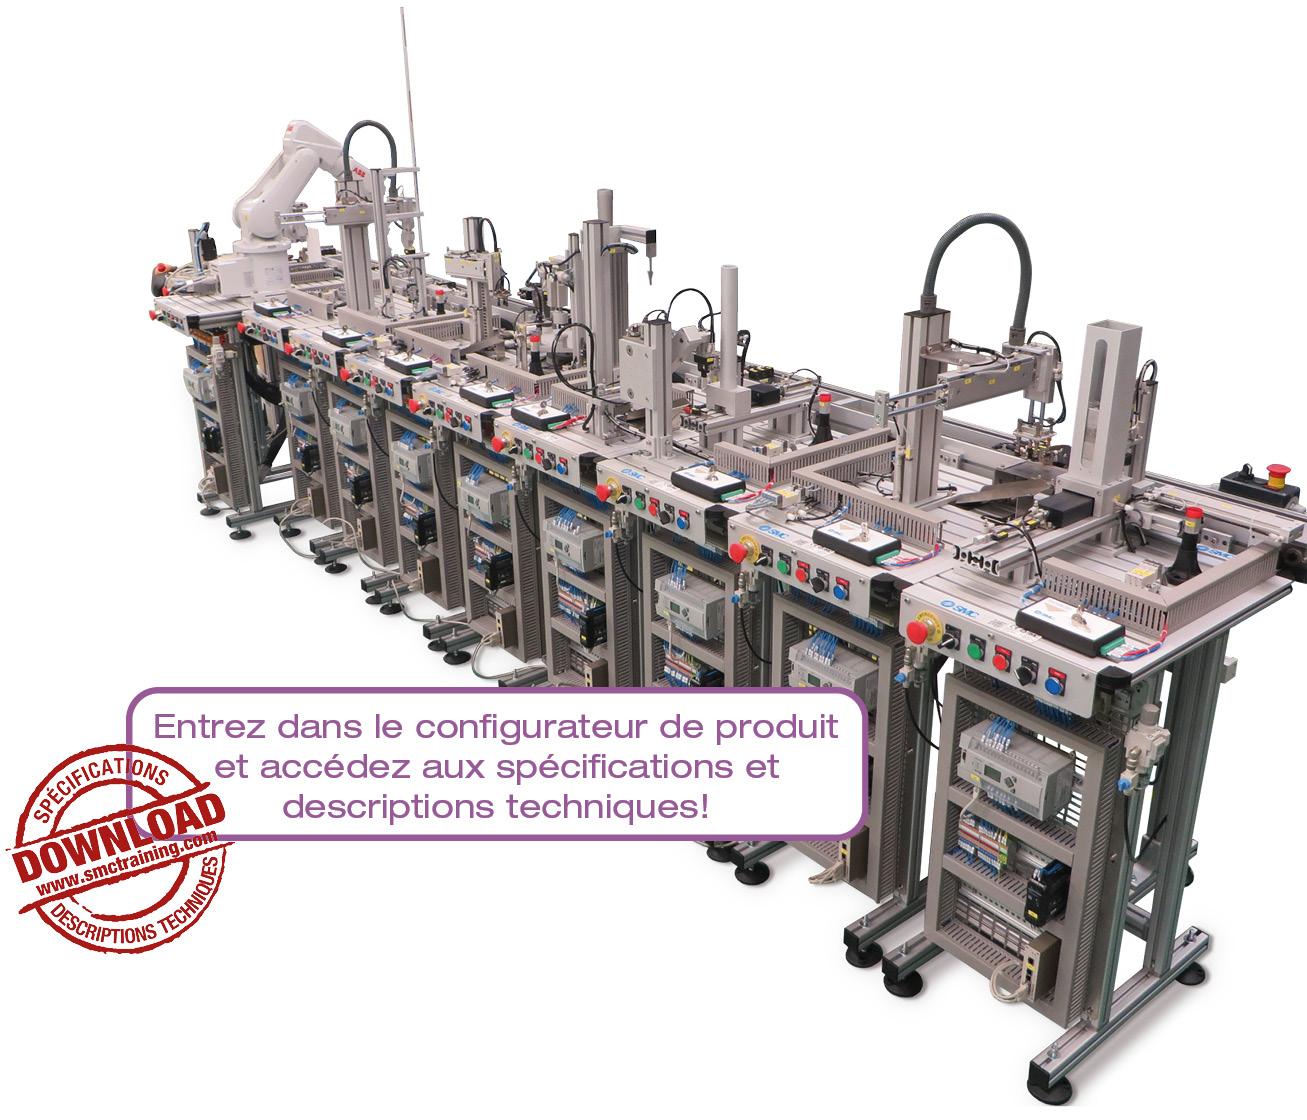 FAS-200 - Équipement didactique flexible et compact pour la formation en mécatronique et automatisation avec multiples technologies dans le même système